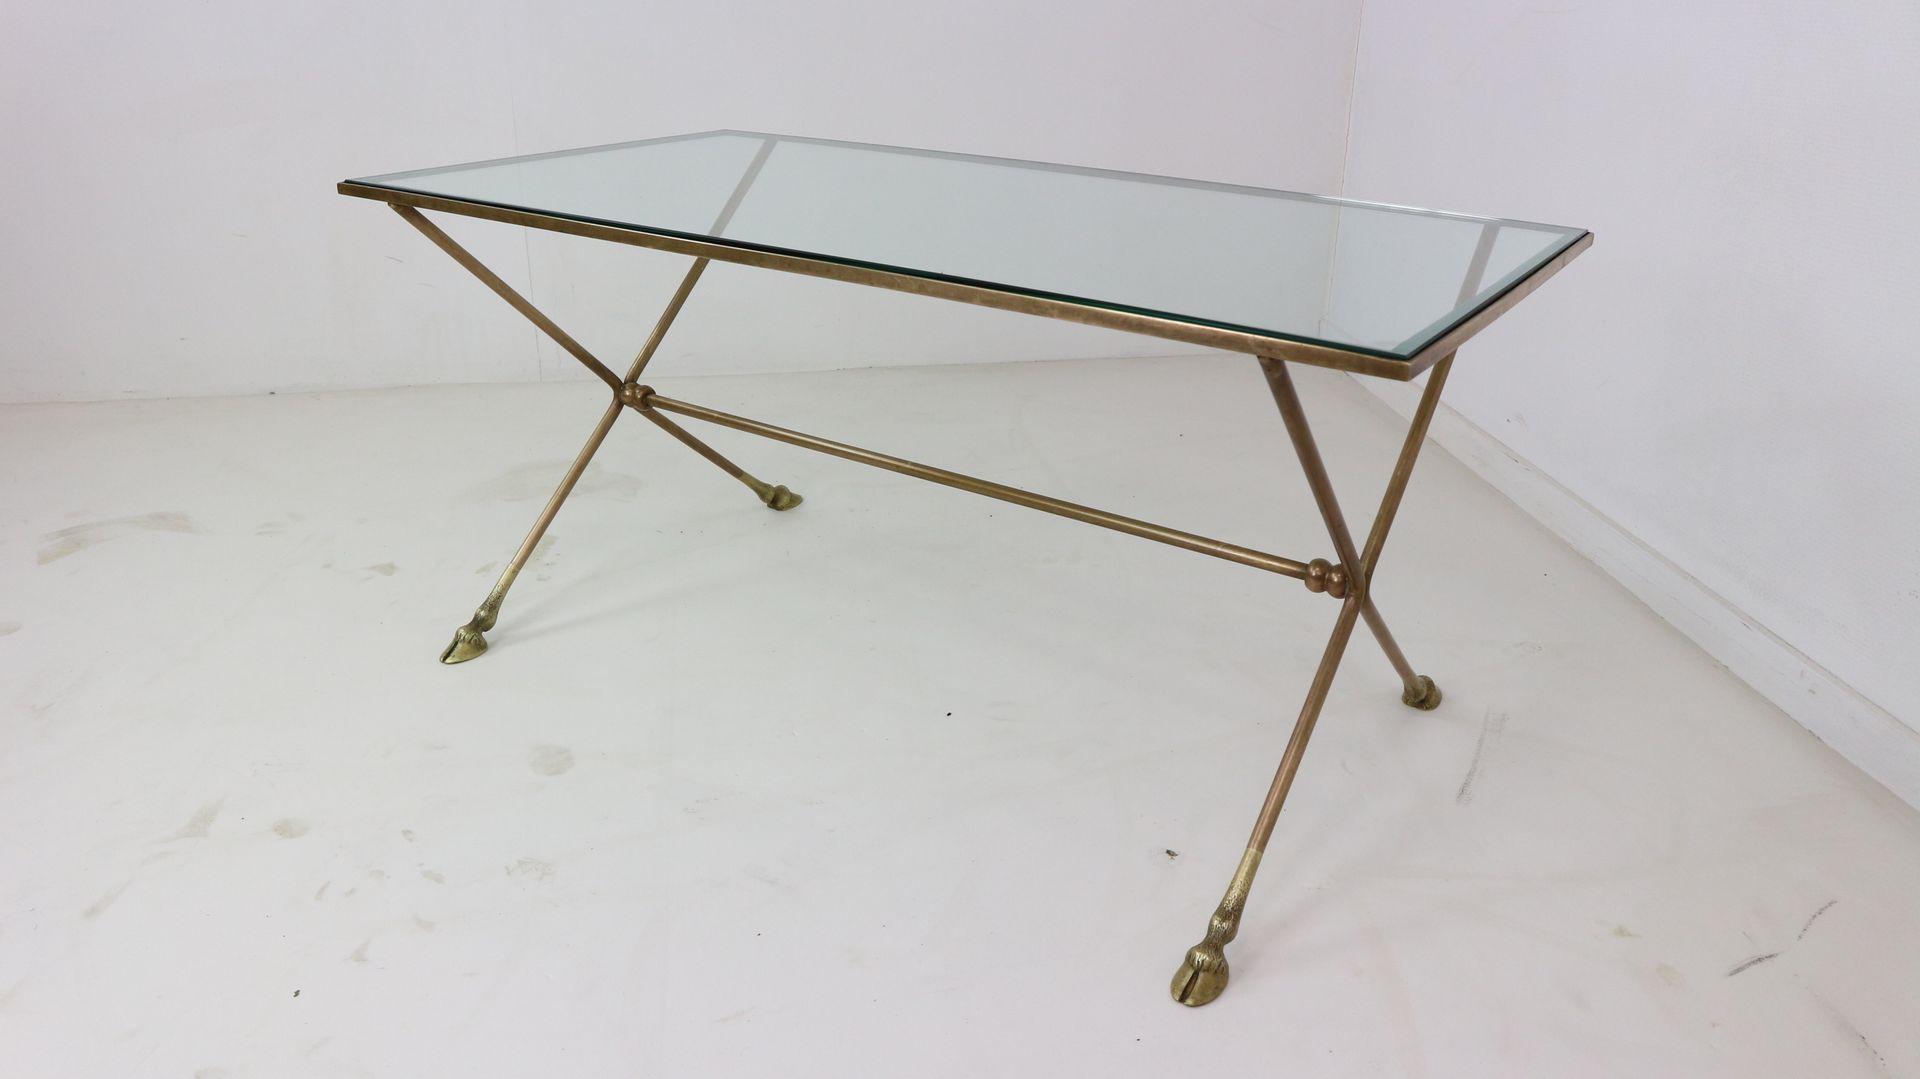 franz sischer glas metall couchtisch 1950er bei pamono. Black Bedroom Furniture Sets. Home Design Ideas